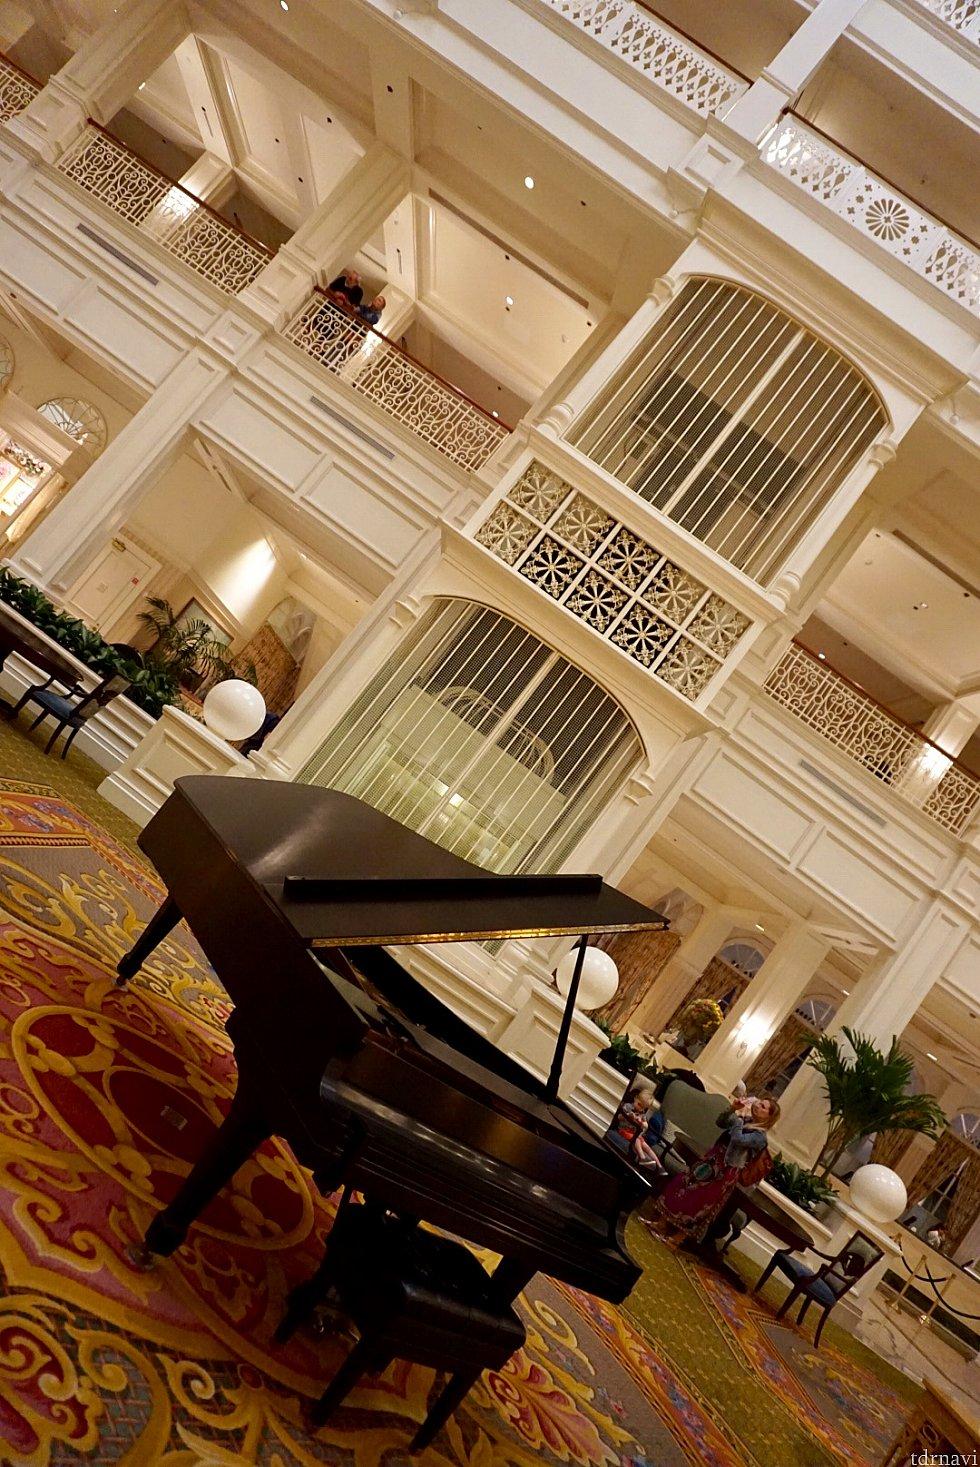 エレベーターとピアノ。とにかく高級で落ち着いた雰囲気を漂わせたリゾート。